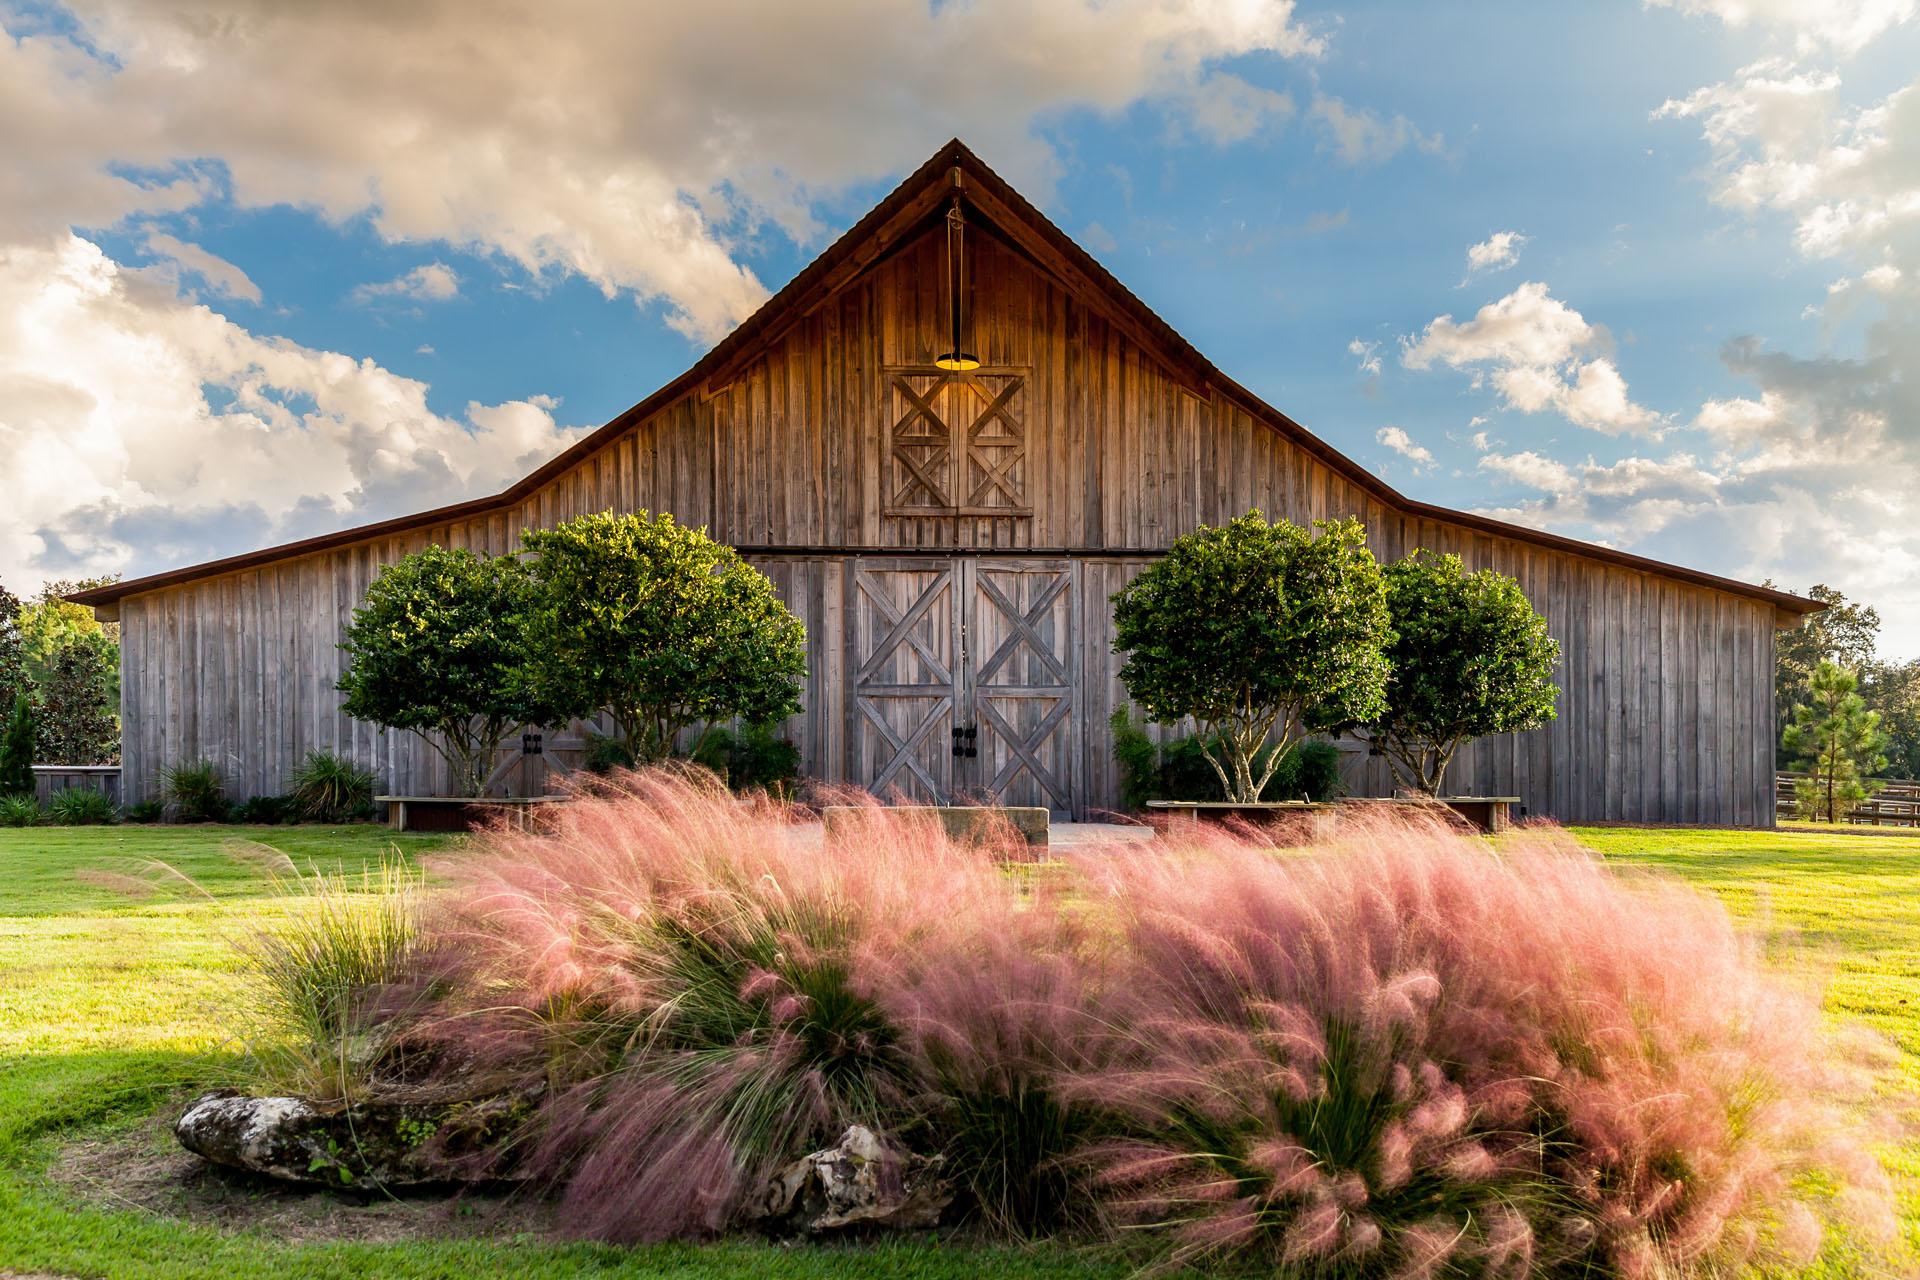 Hearthstone introduces new custom barn collection for Custom barn homes